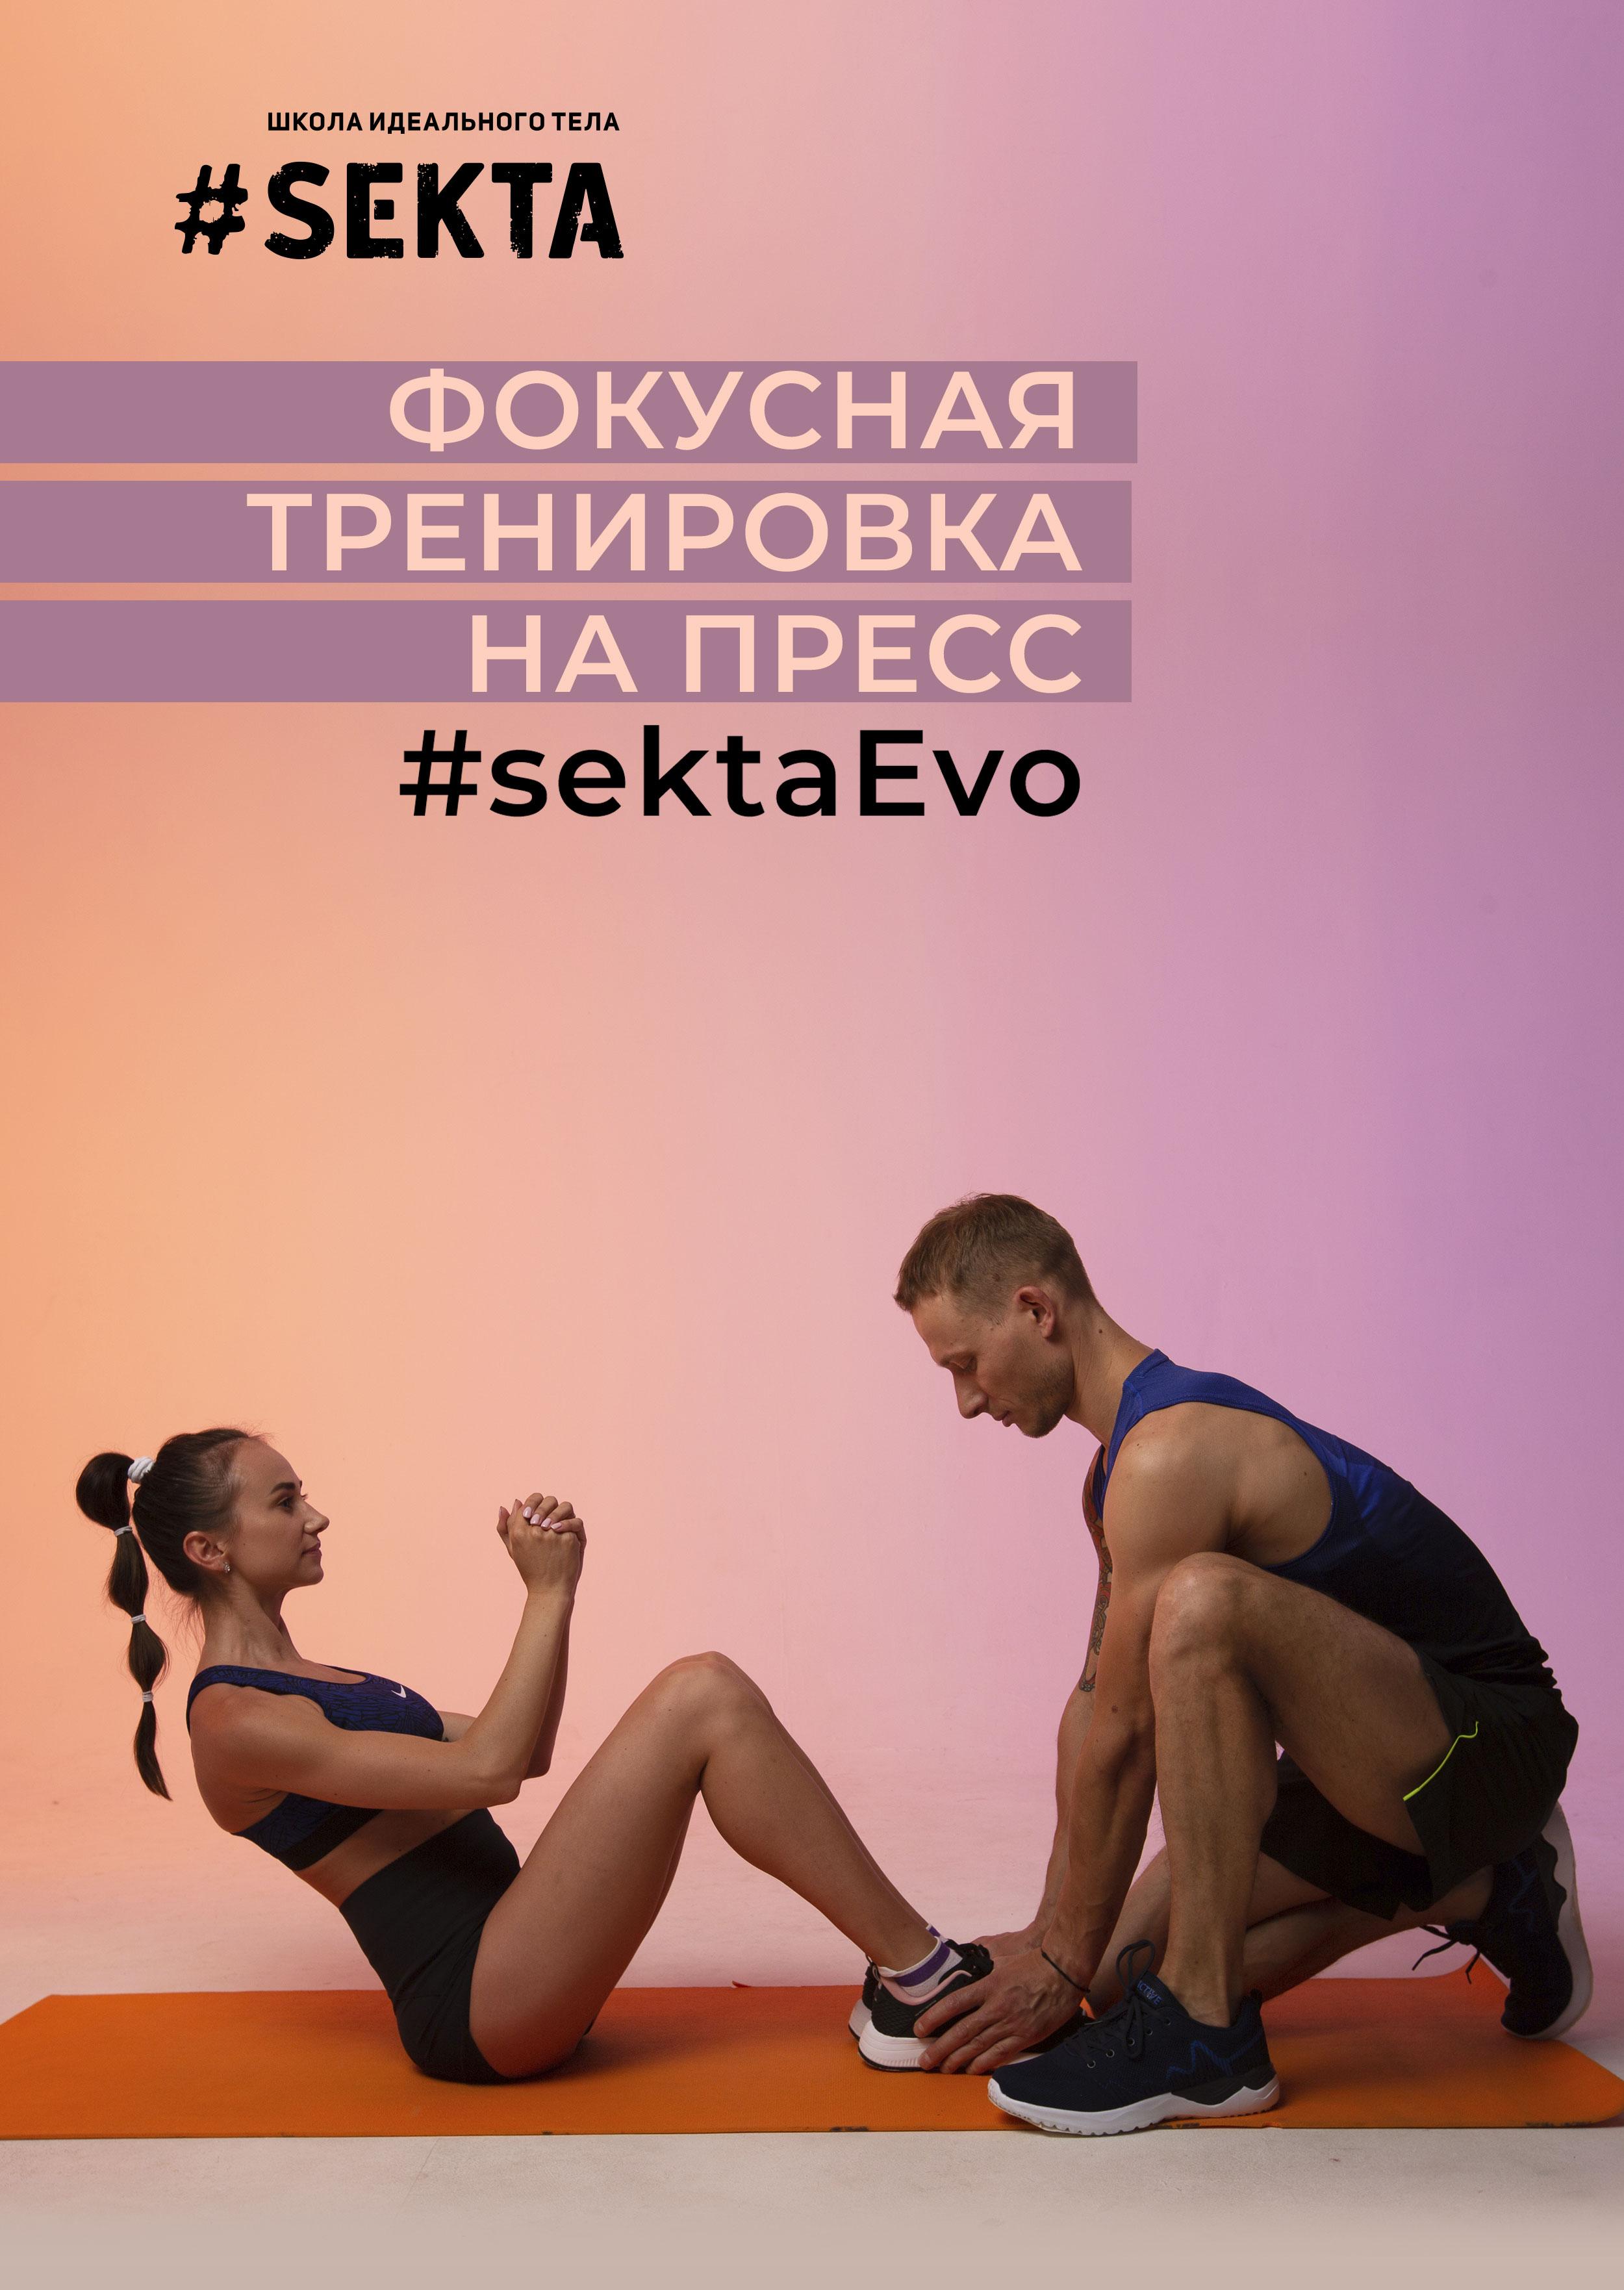 Фокусная тренировка на пресс #sektaEvo